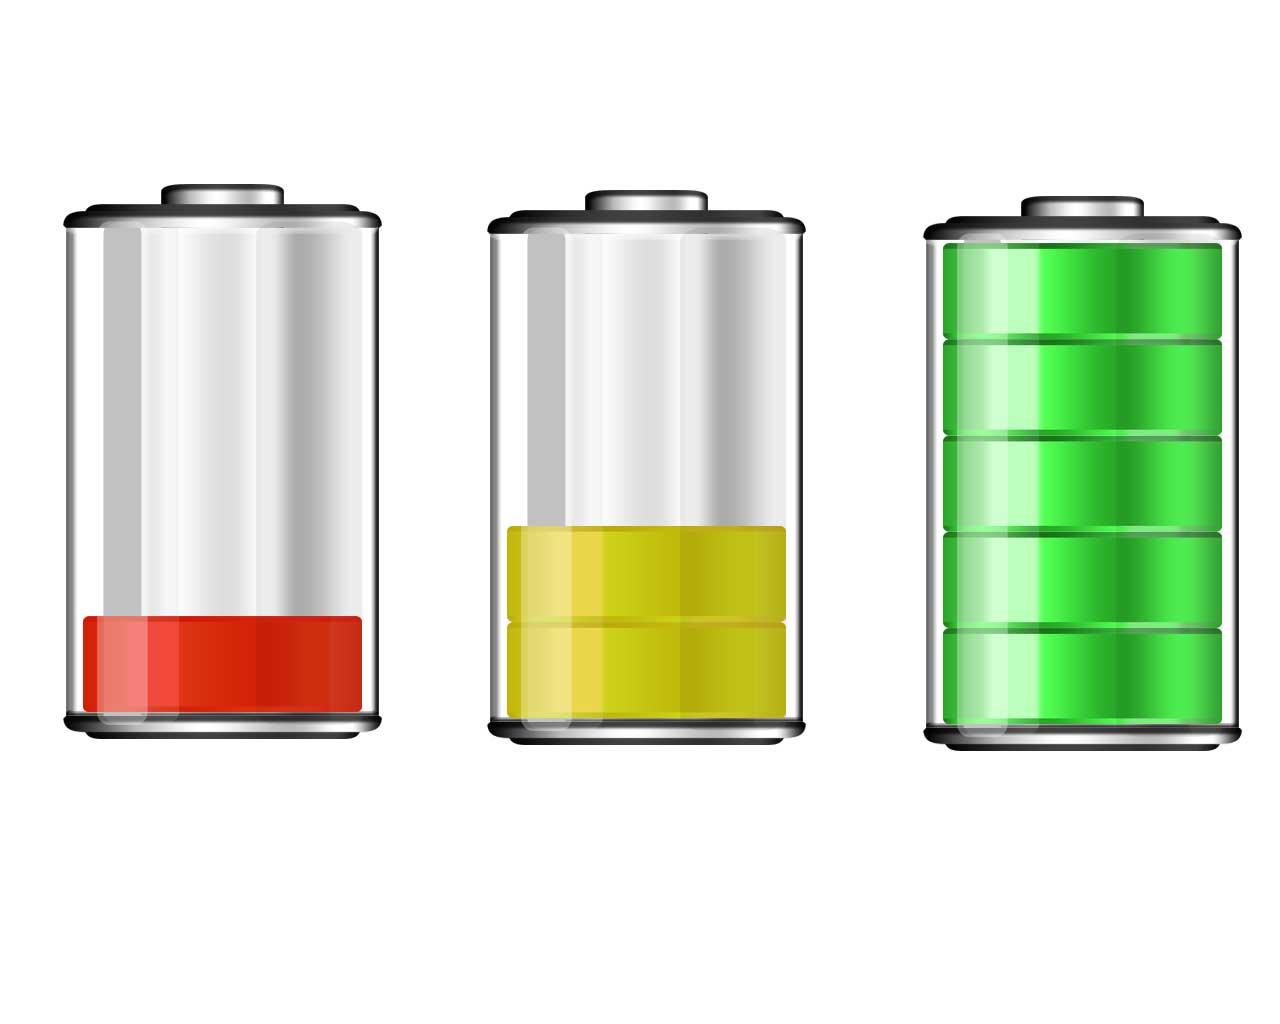 Зарядка аккумулятора ИБП. Как делать правильно